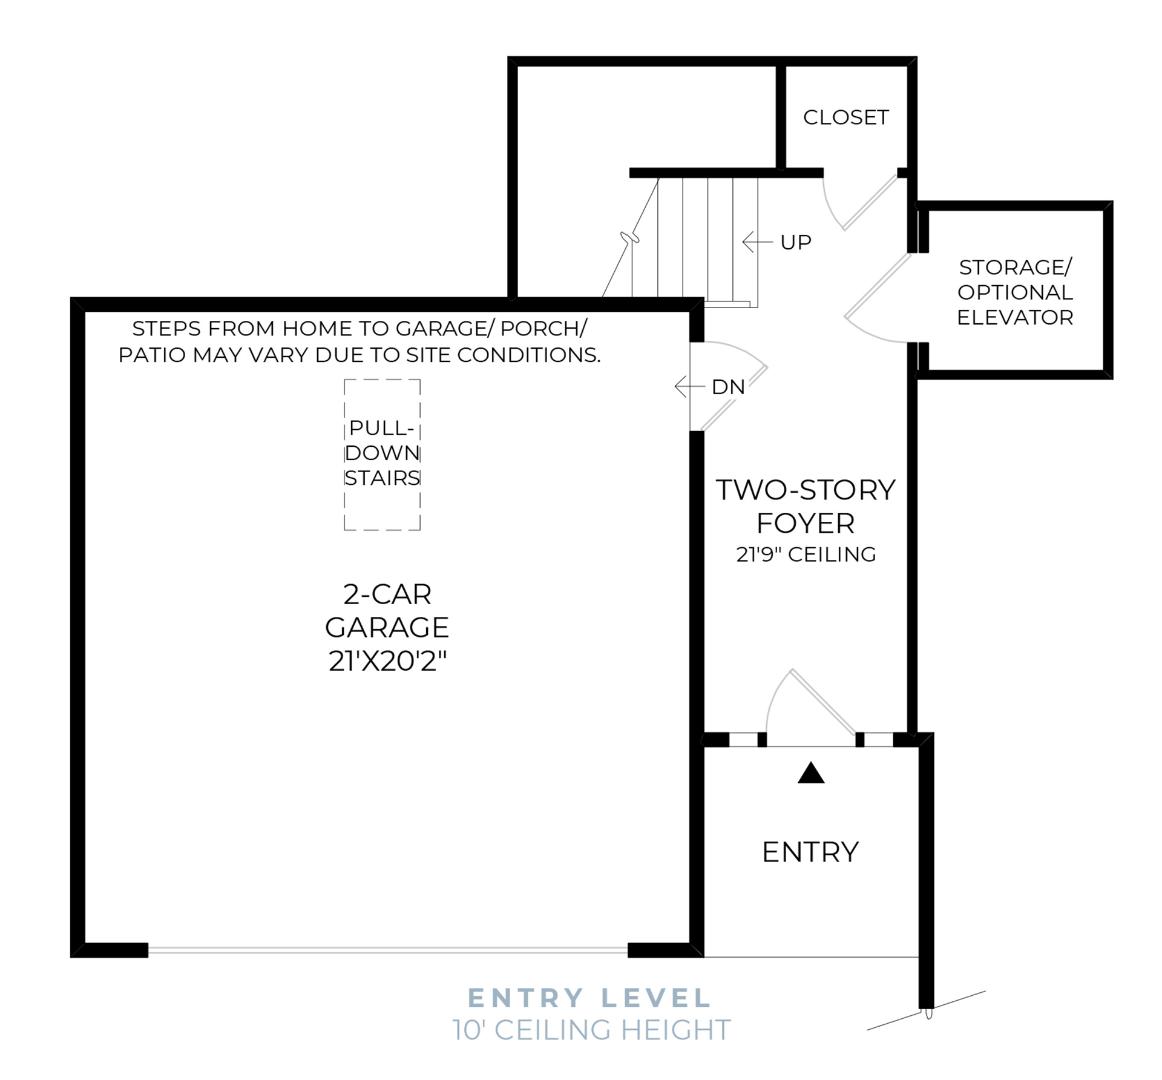 Entry Level Floor Plan